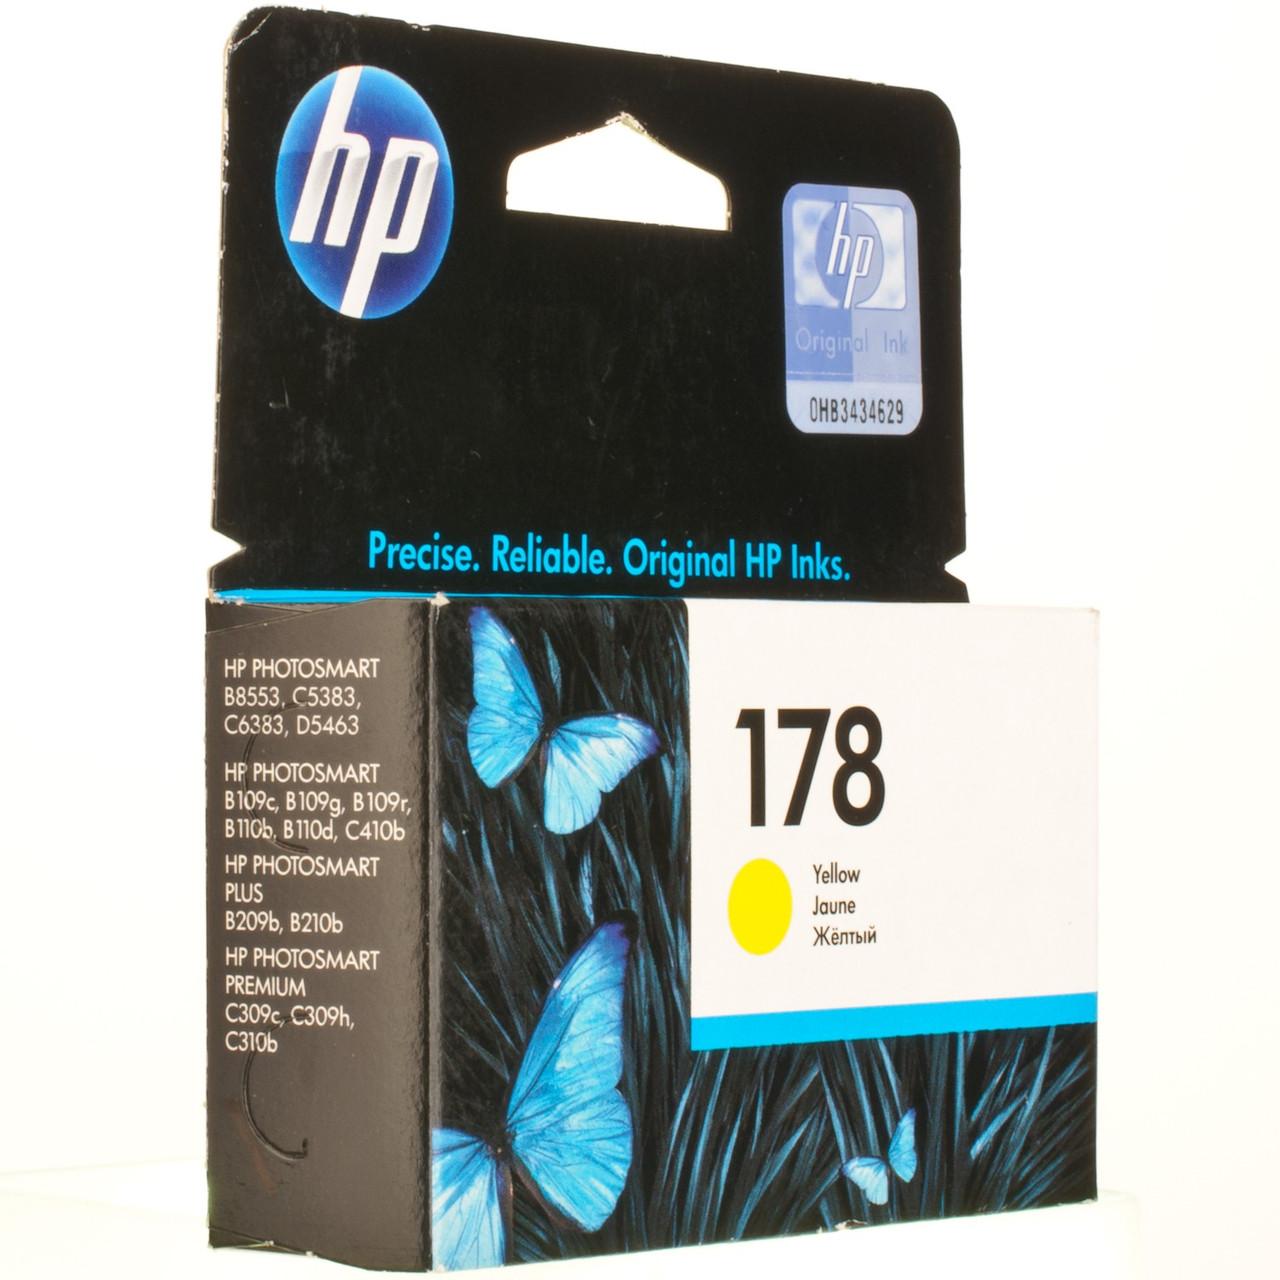 Картридж HP 178 C6383/C5383/D5463 Yellow 300 страниц